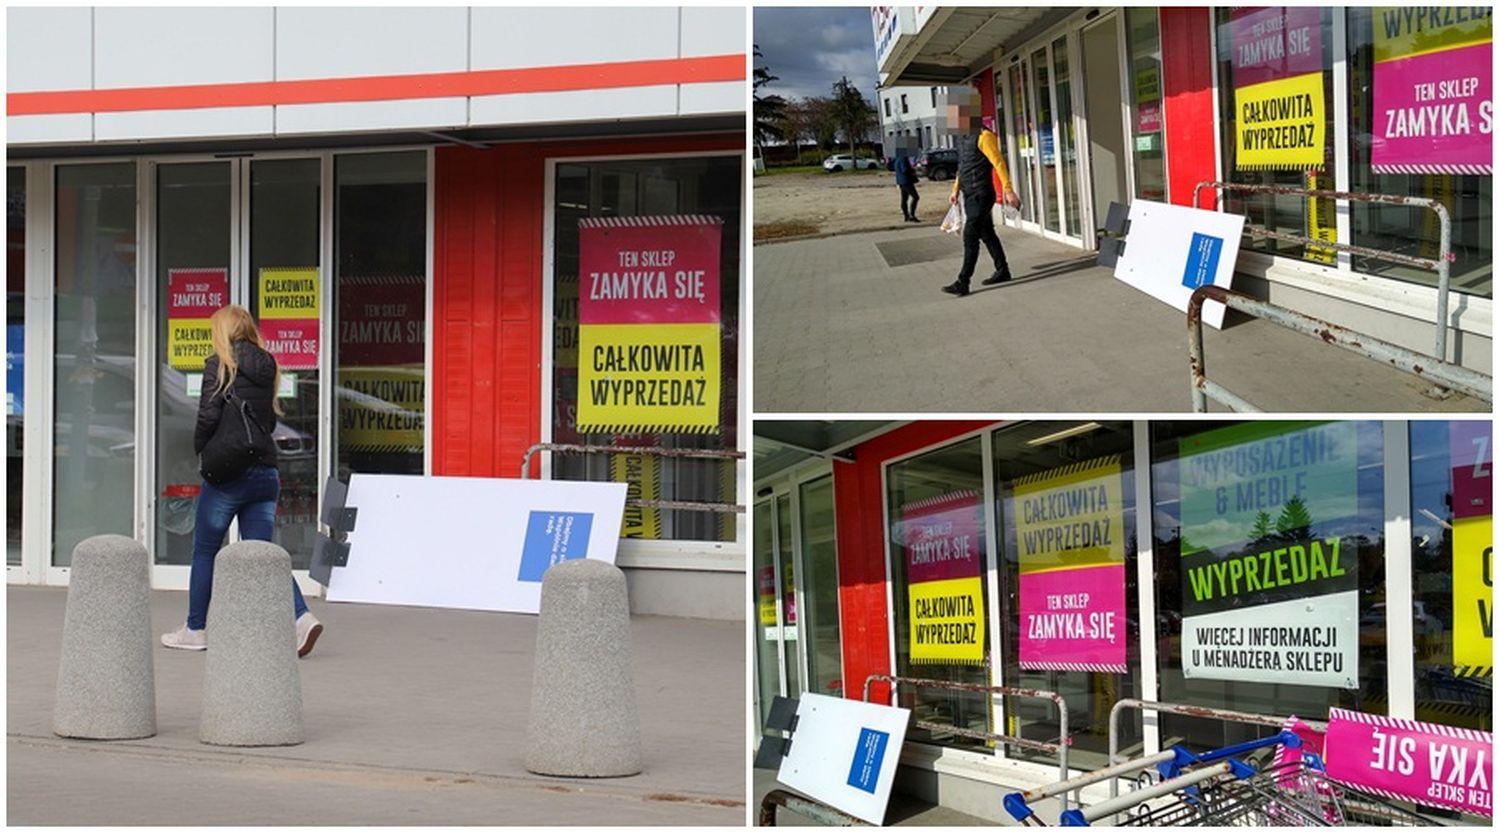 Zamykają znany sklep, zorganizowali wielkie wyprzedaże. Co pojawi się na jego miejscu? [ZDJĘCIA] - Zdjęcie główne